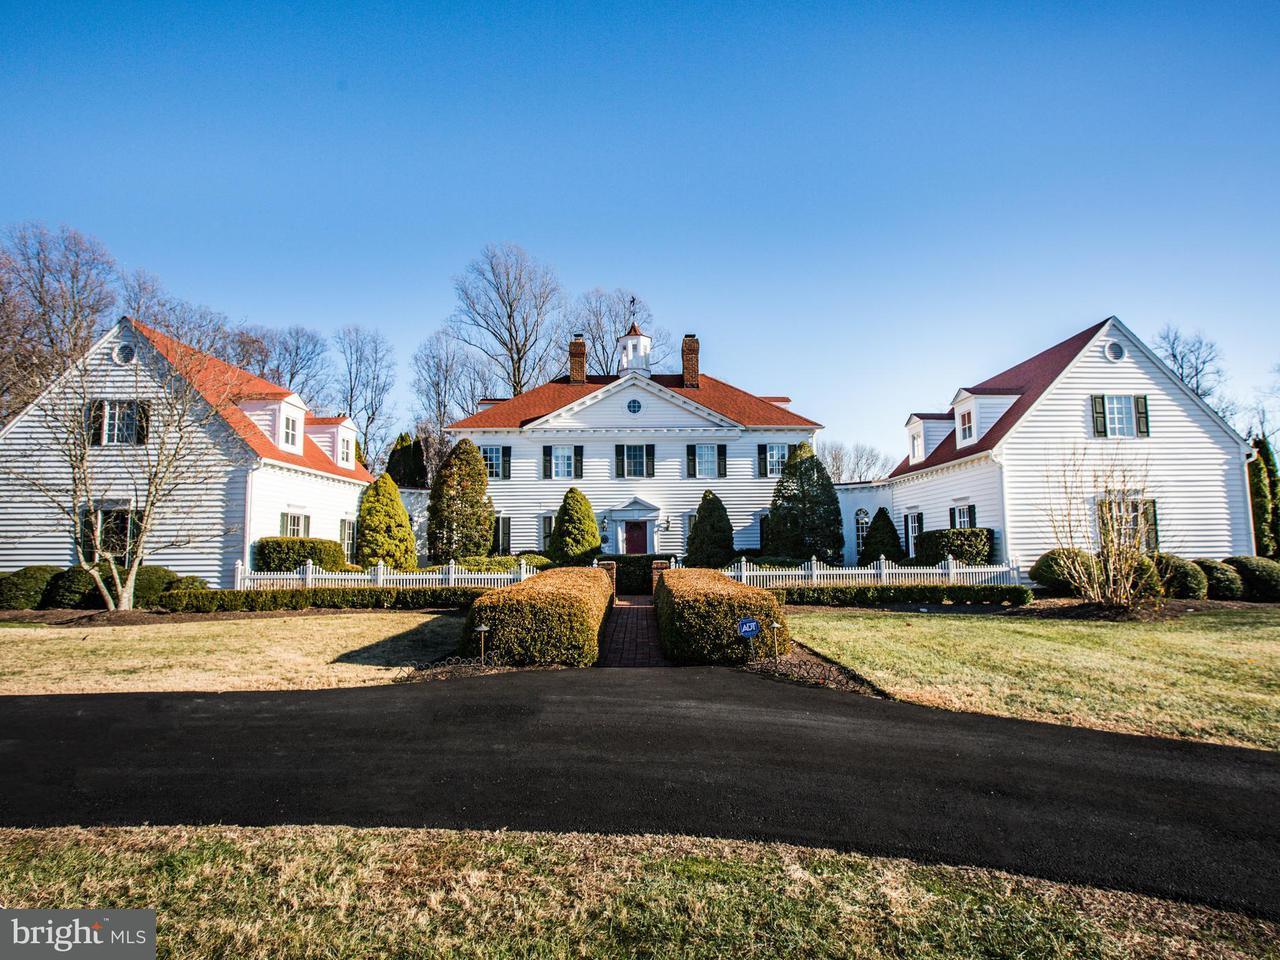 獨棟家庭住宅 為 出售 在 2247 Courthouse Road 2247 Courthouse Road Stafford, 弗吉尼亞州 22554 美國